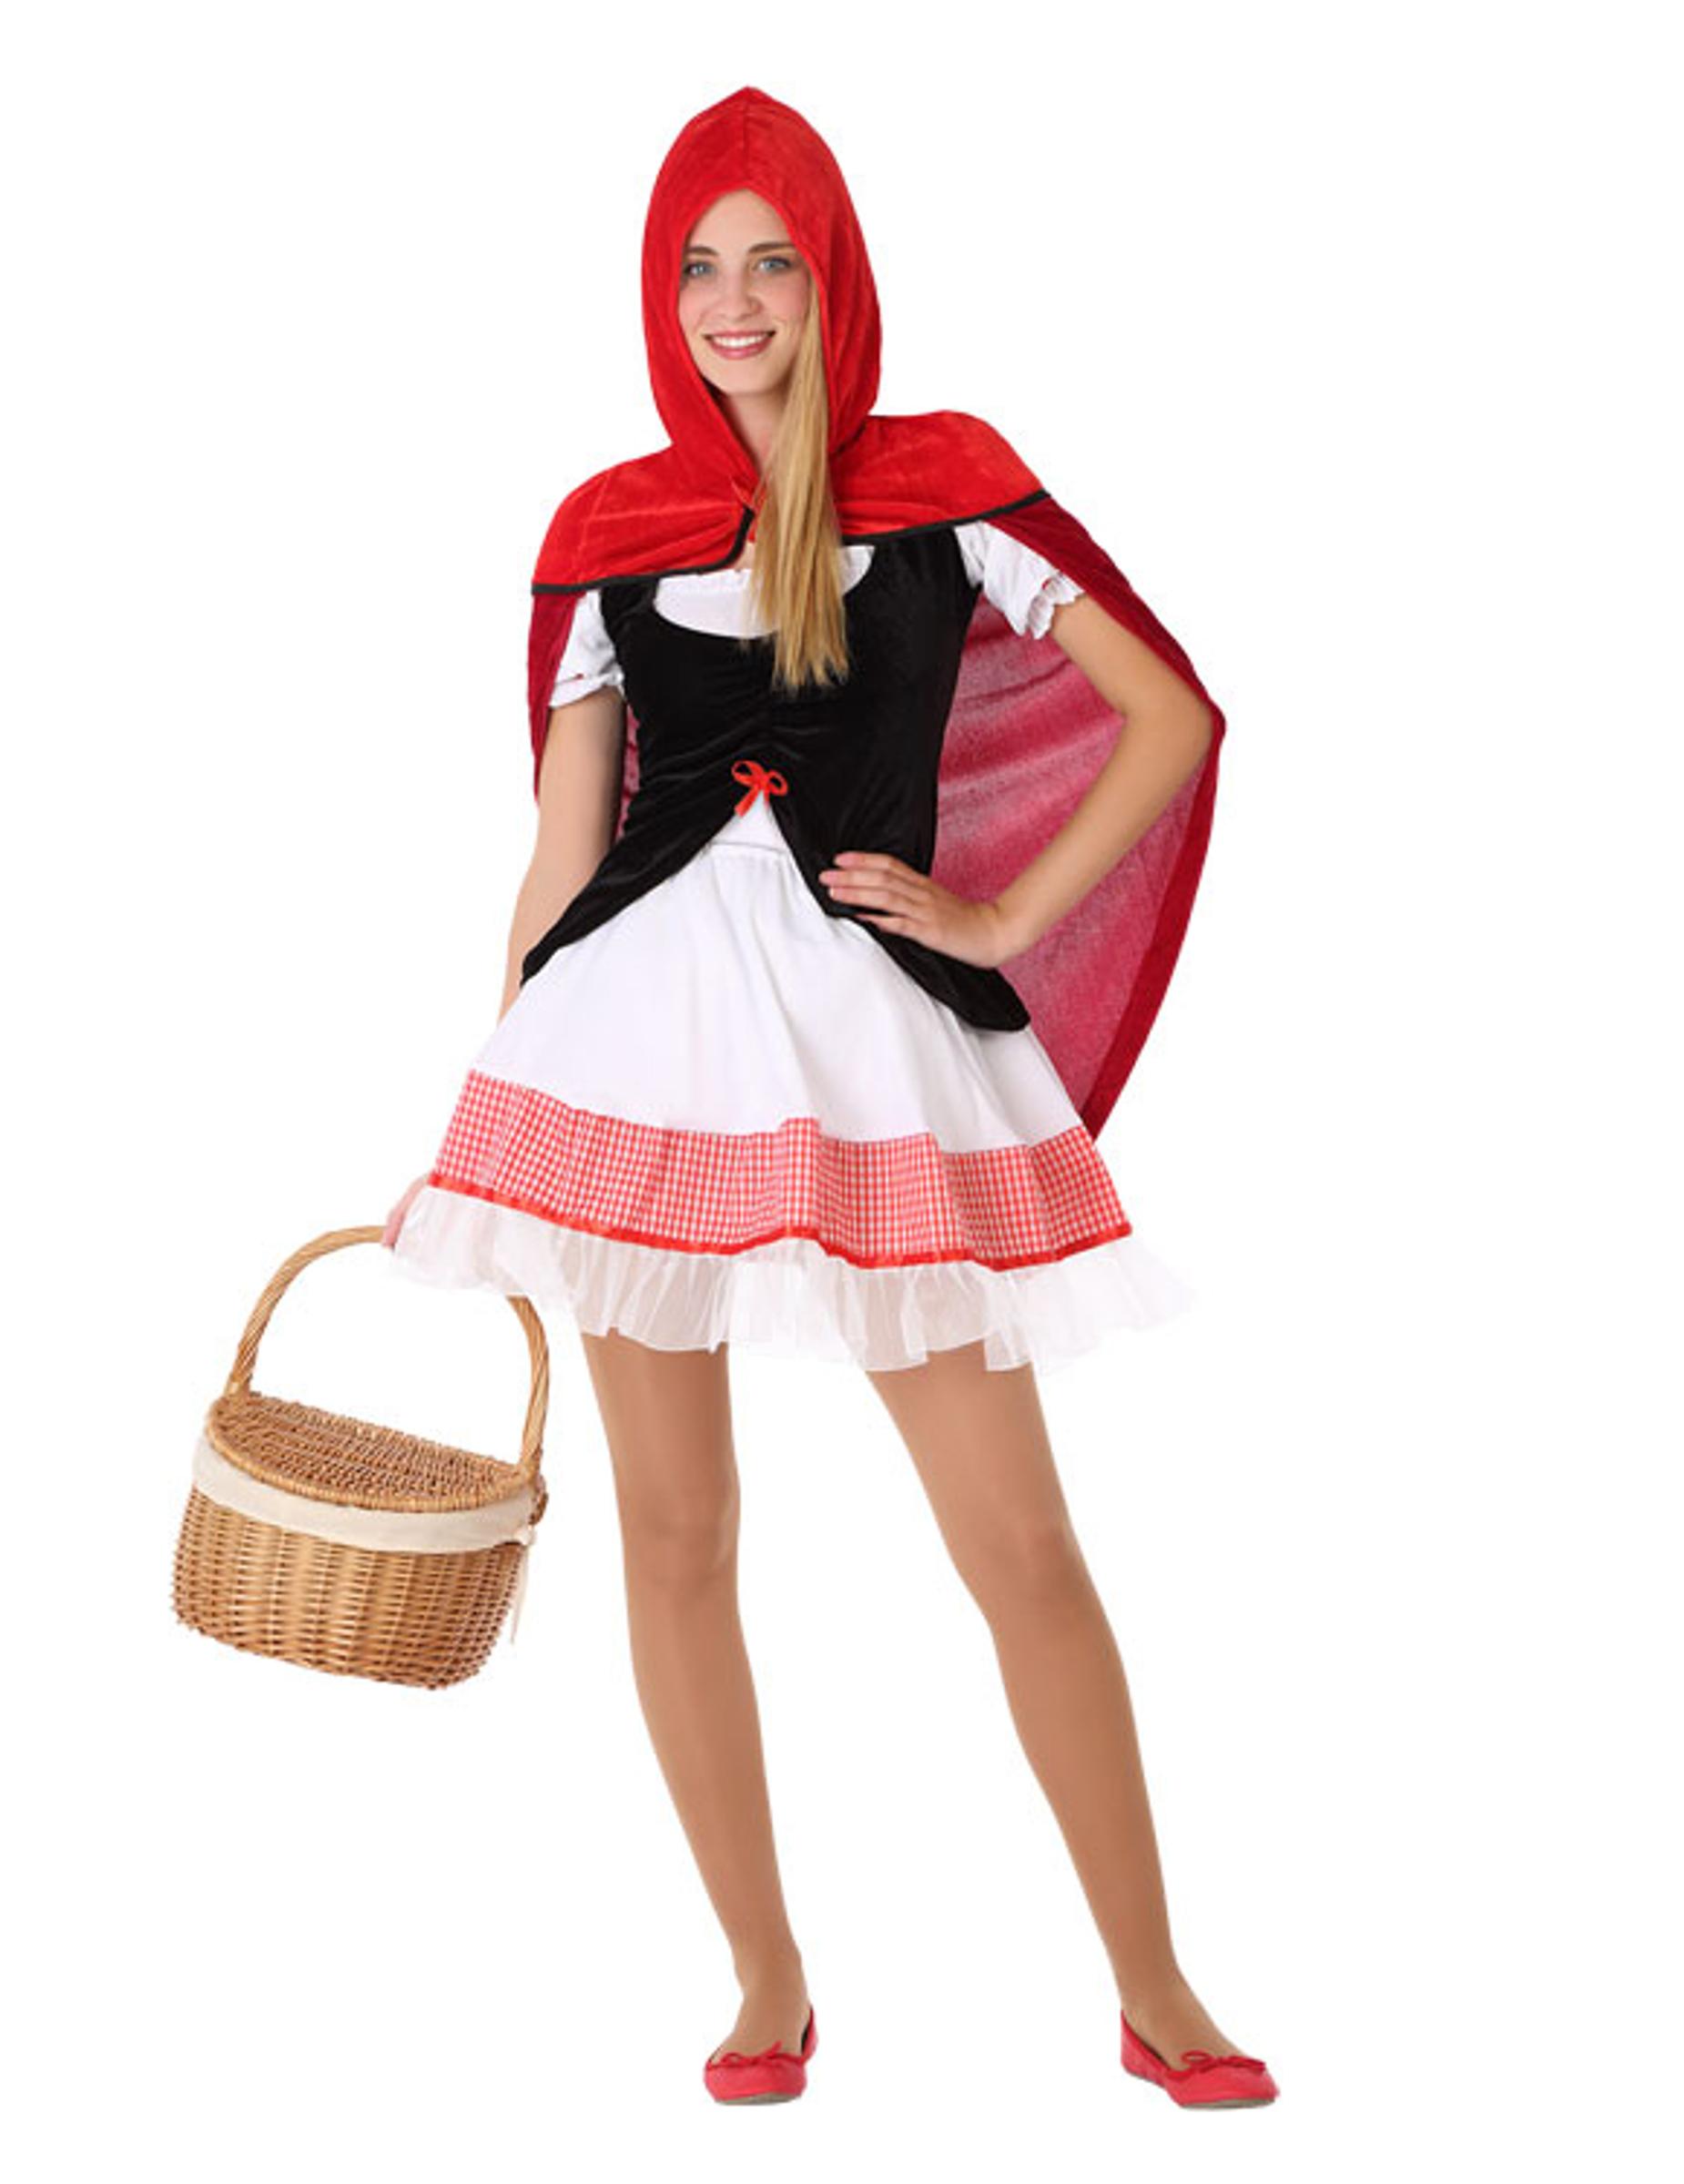 rotkäppchen-kostüm für jugendliche teenager-kostüm rot-weiss-schwarz